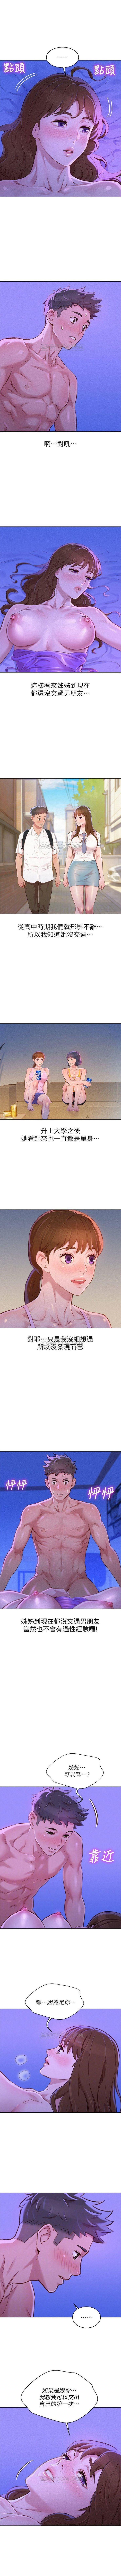 (週7)漂亮幹姐姐  1-92 中文翻譯 (更新中) 426